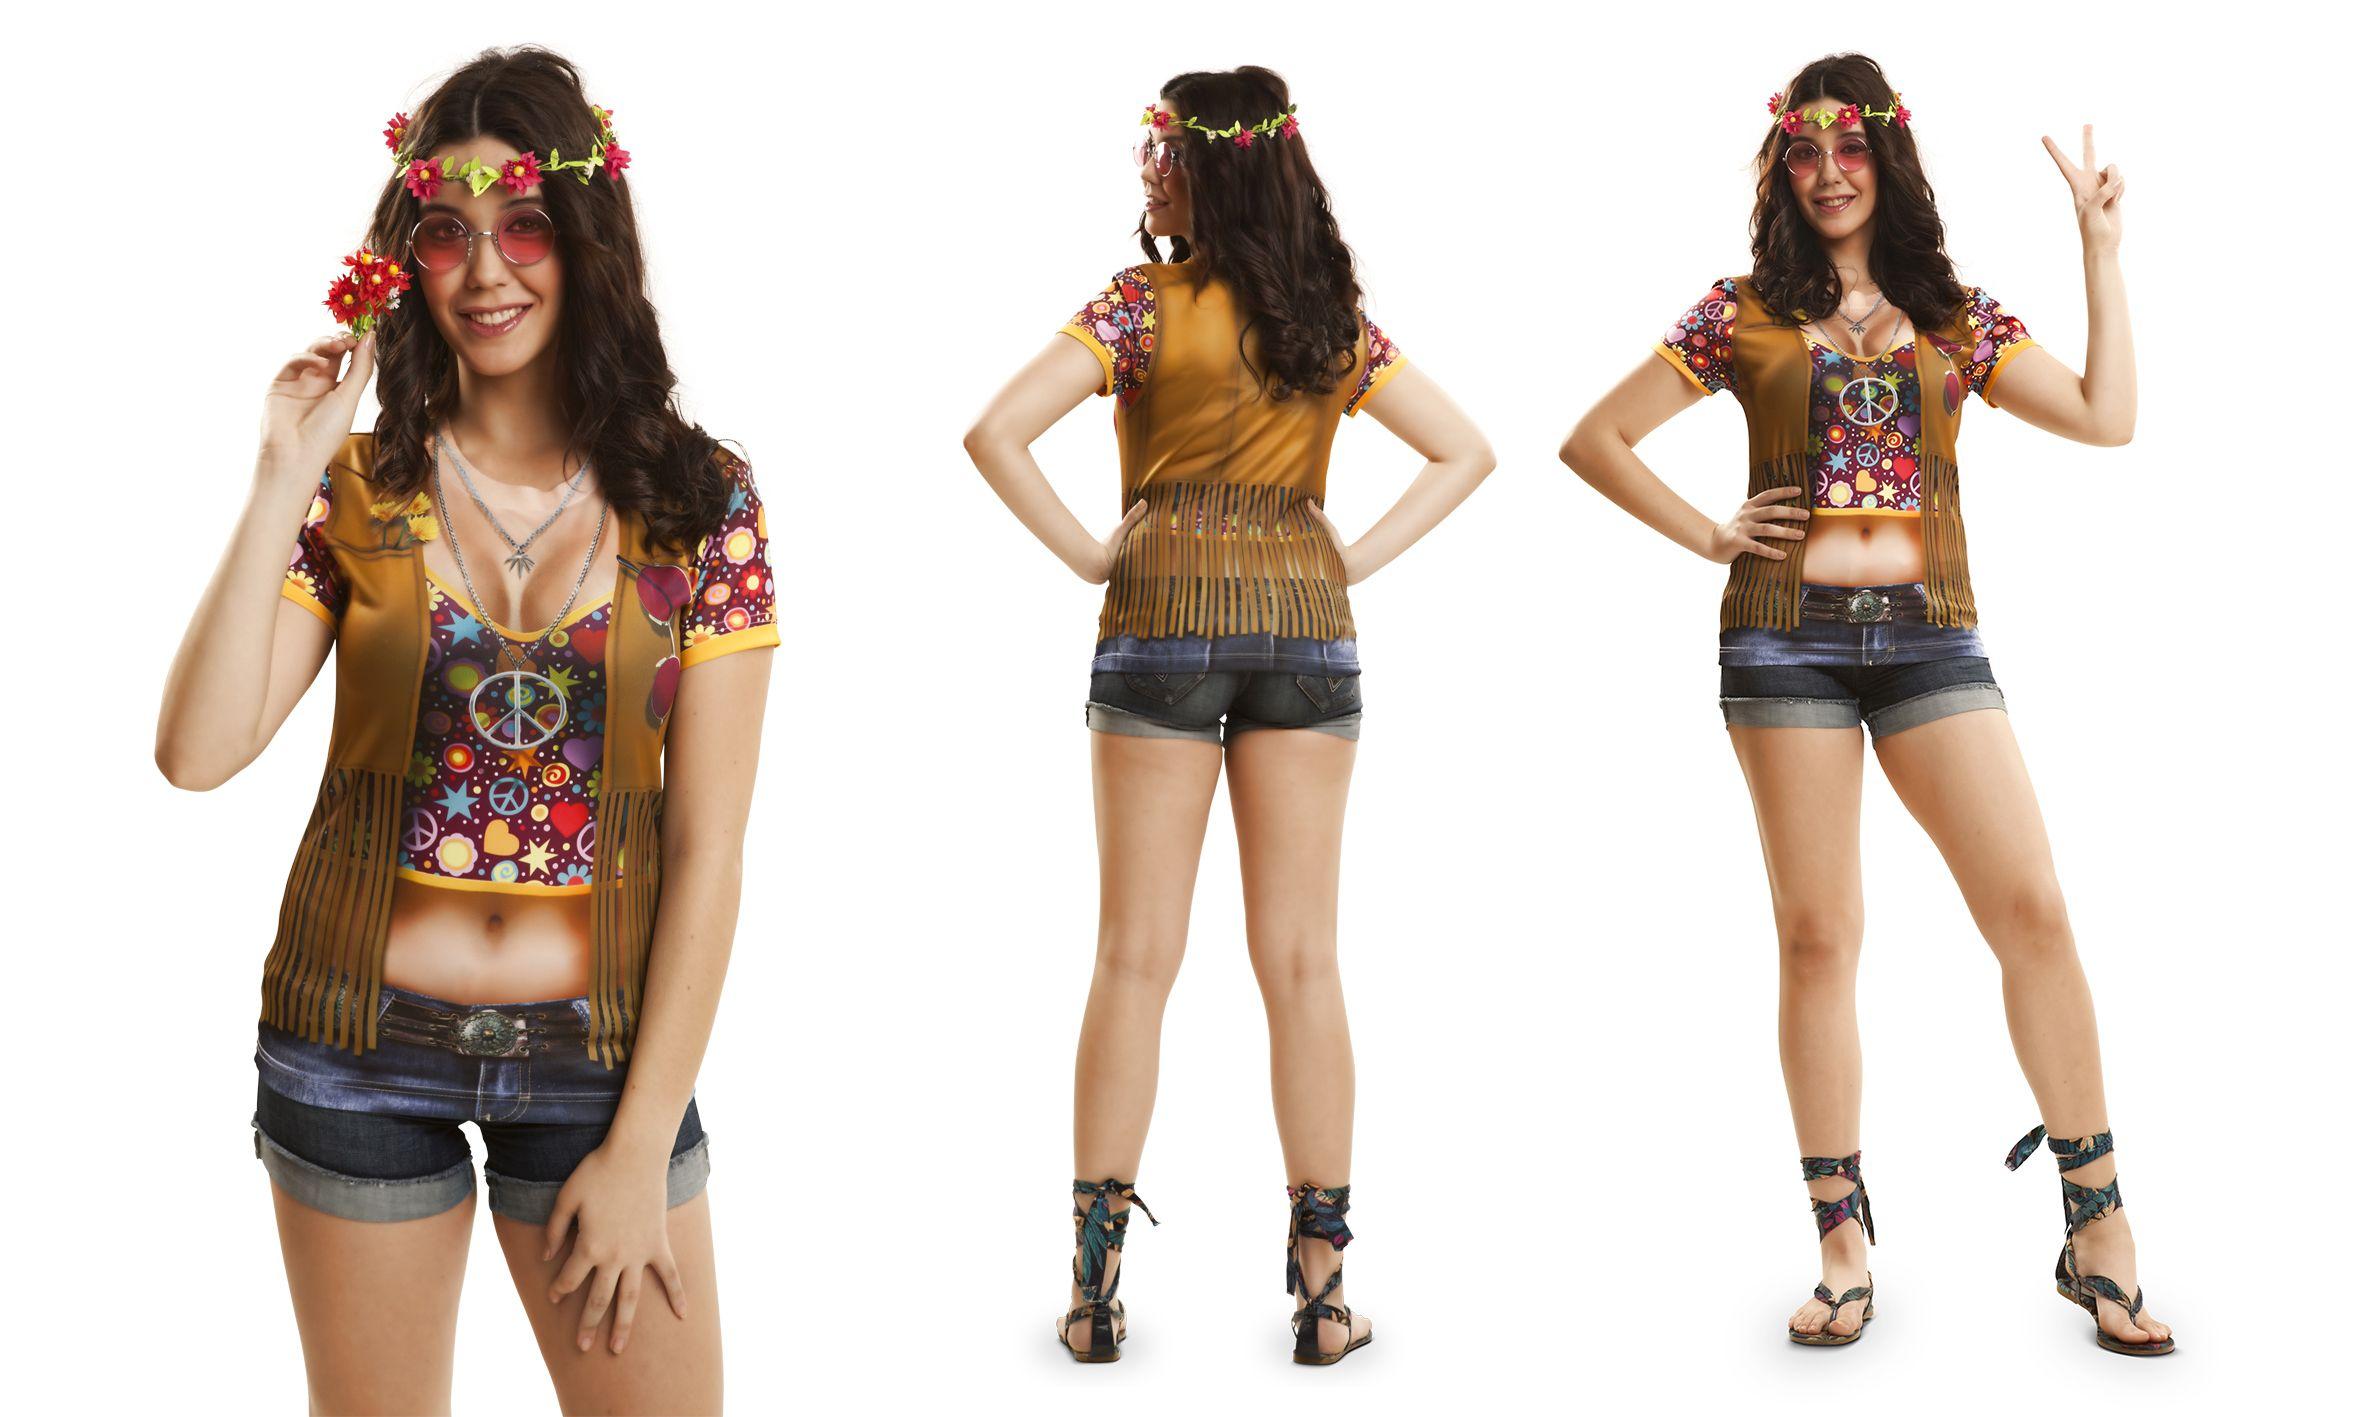 hippie t shirt 60er 70er jahre damen top fotodruck s m l. Black Bedroom Furniture Sets. Home Design Ideas